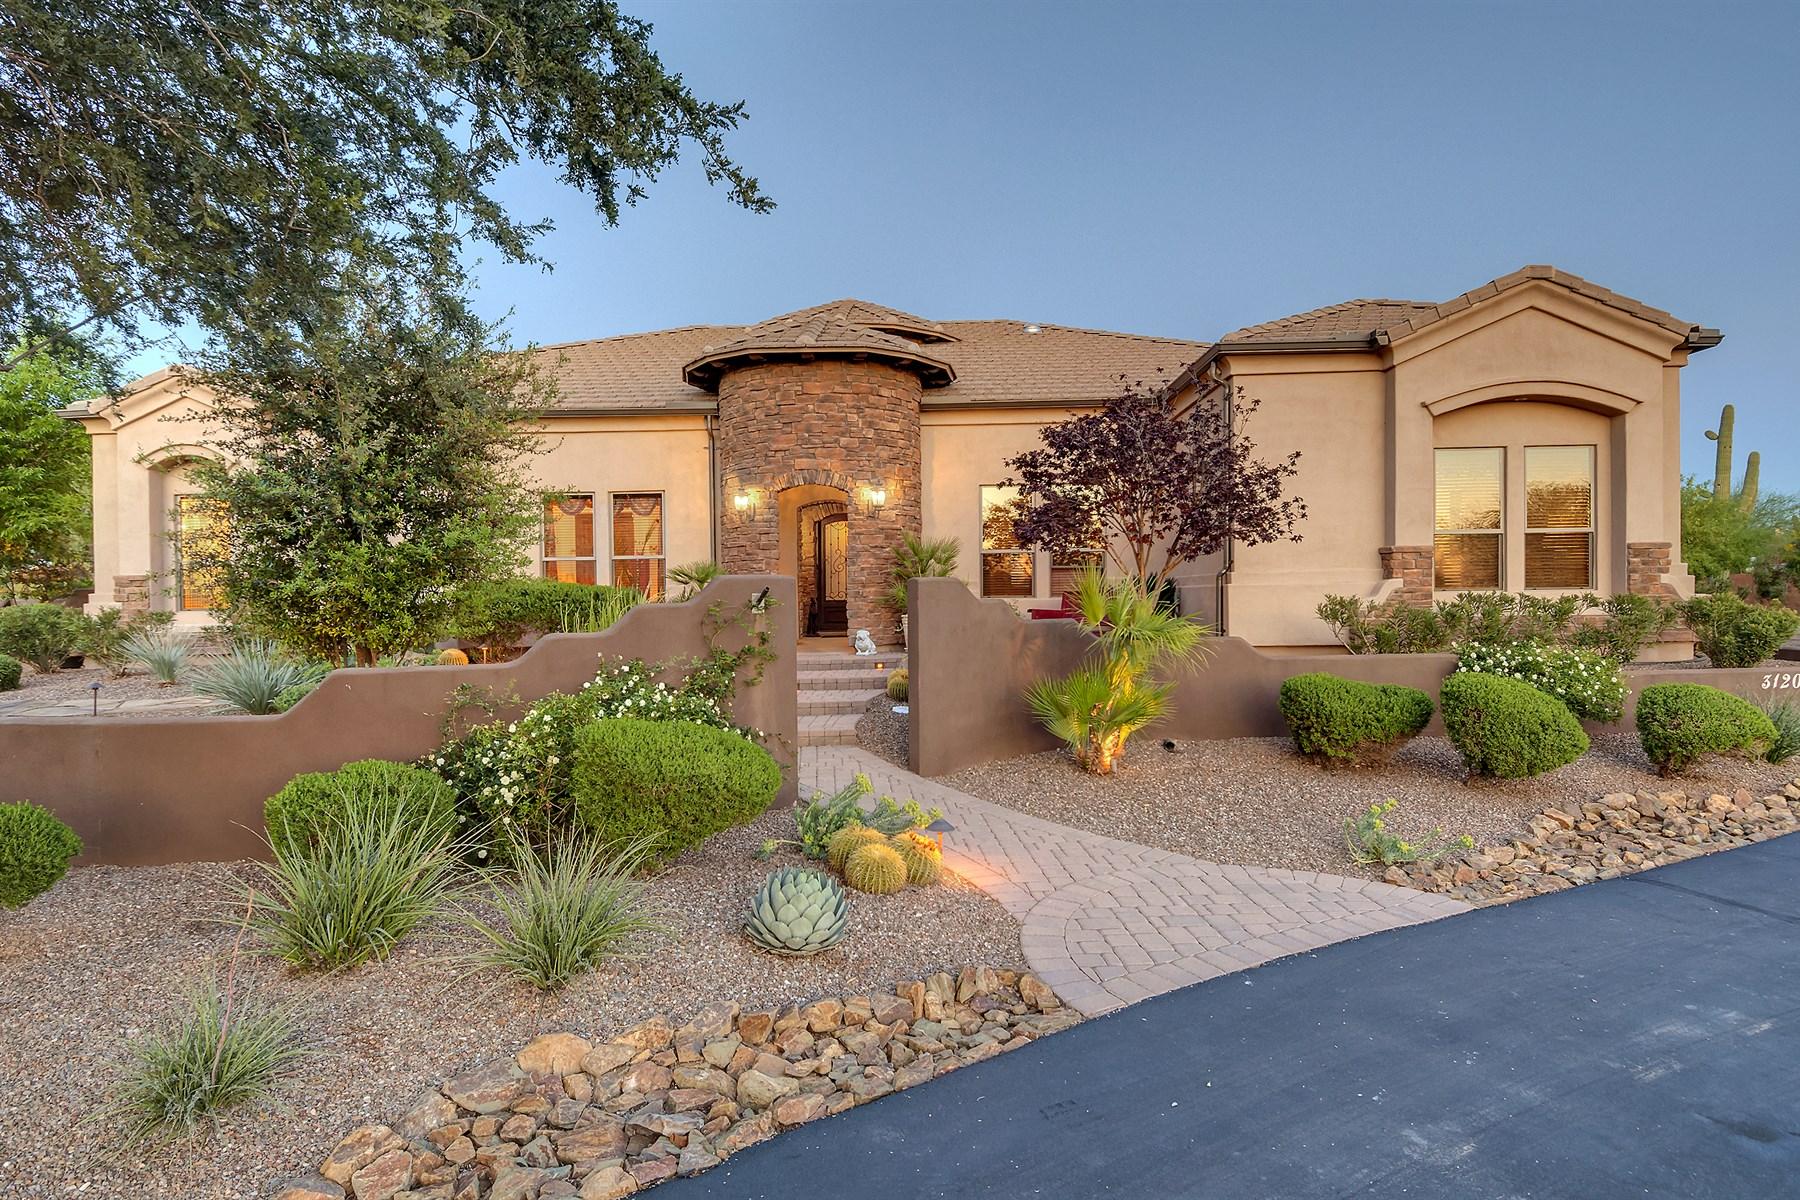 独户住宅 为 销售 在 Picturesque Tuscan Style Home. 31207 N 48TH ST Cave Creek, 亚利桑那州 85331 美国